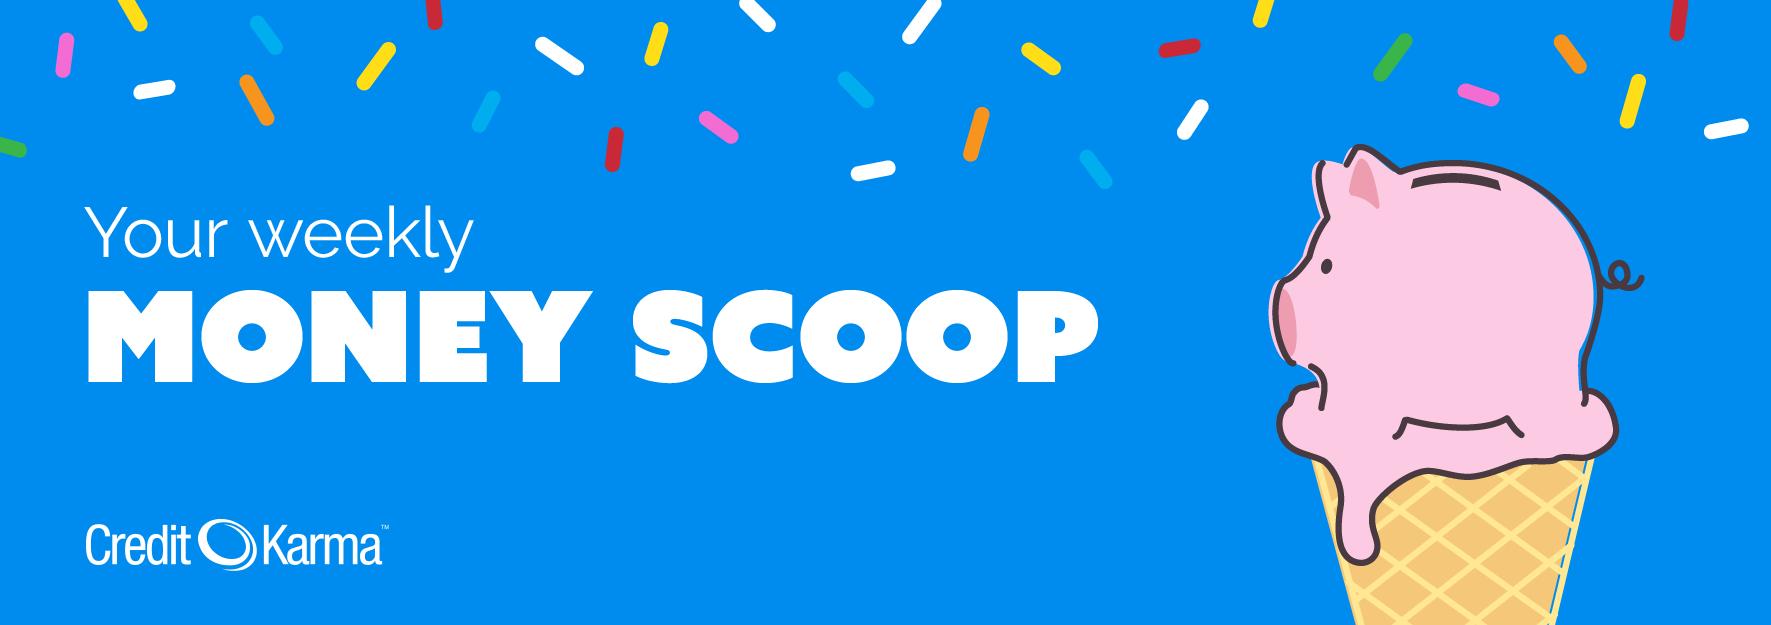 Your weekly money scoop: November 11, 2016